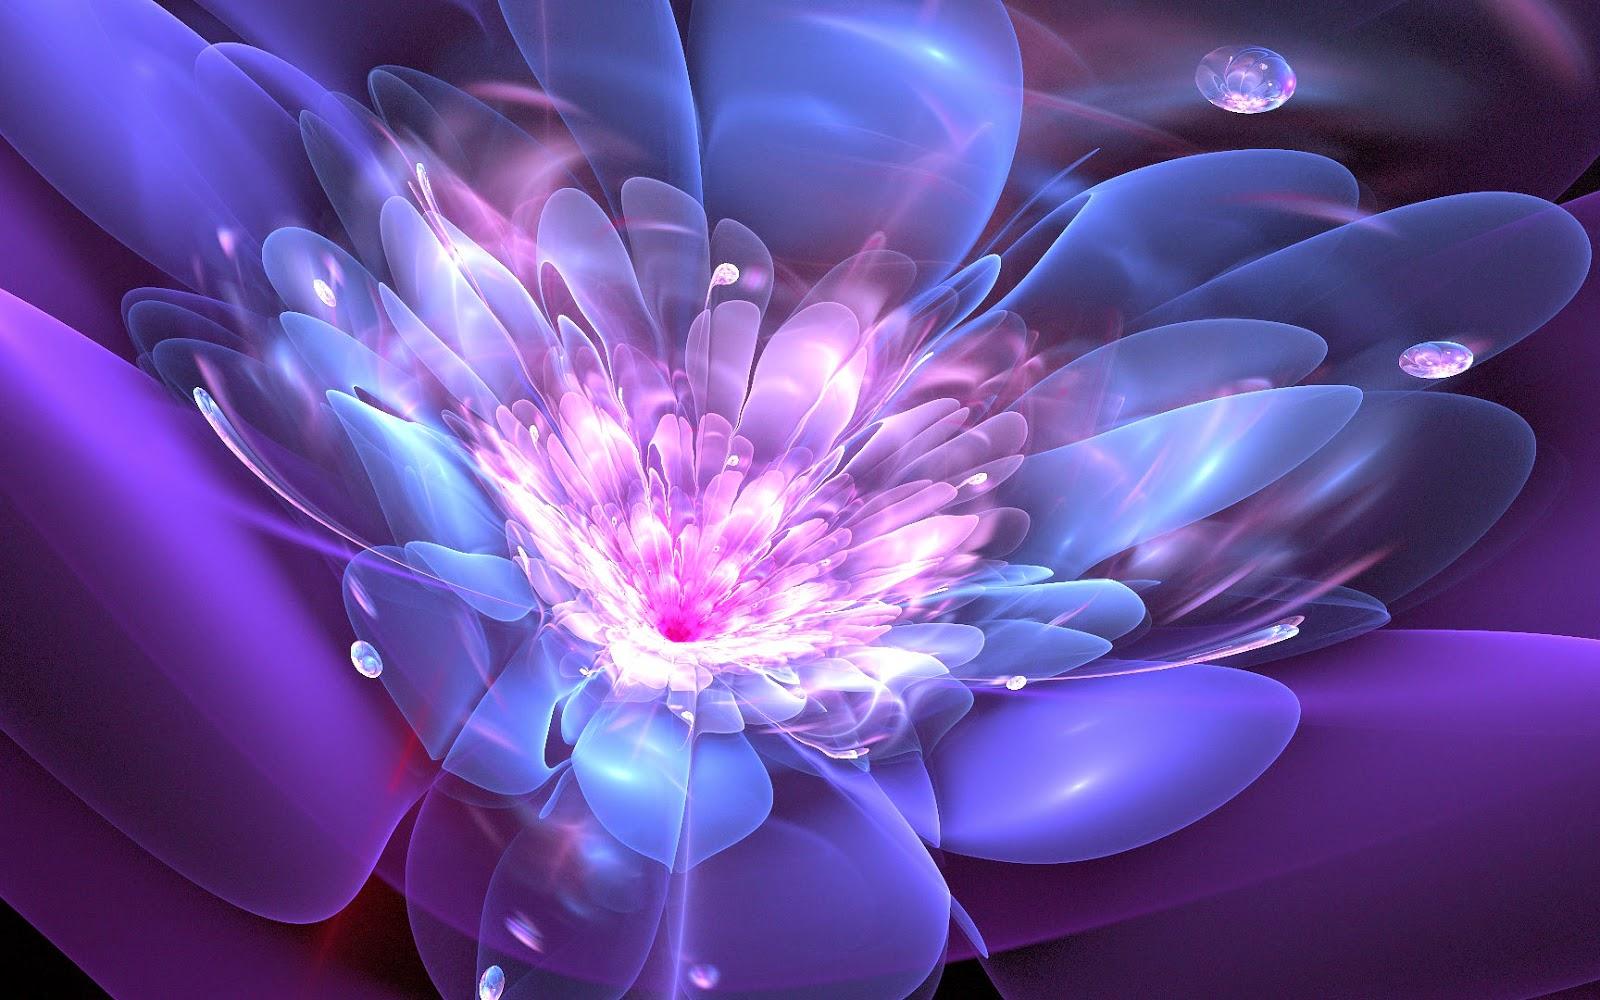 Abstracte blauw paarse lichtgevende bloem in 3D